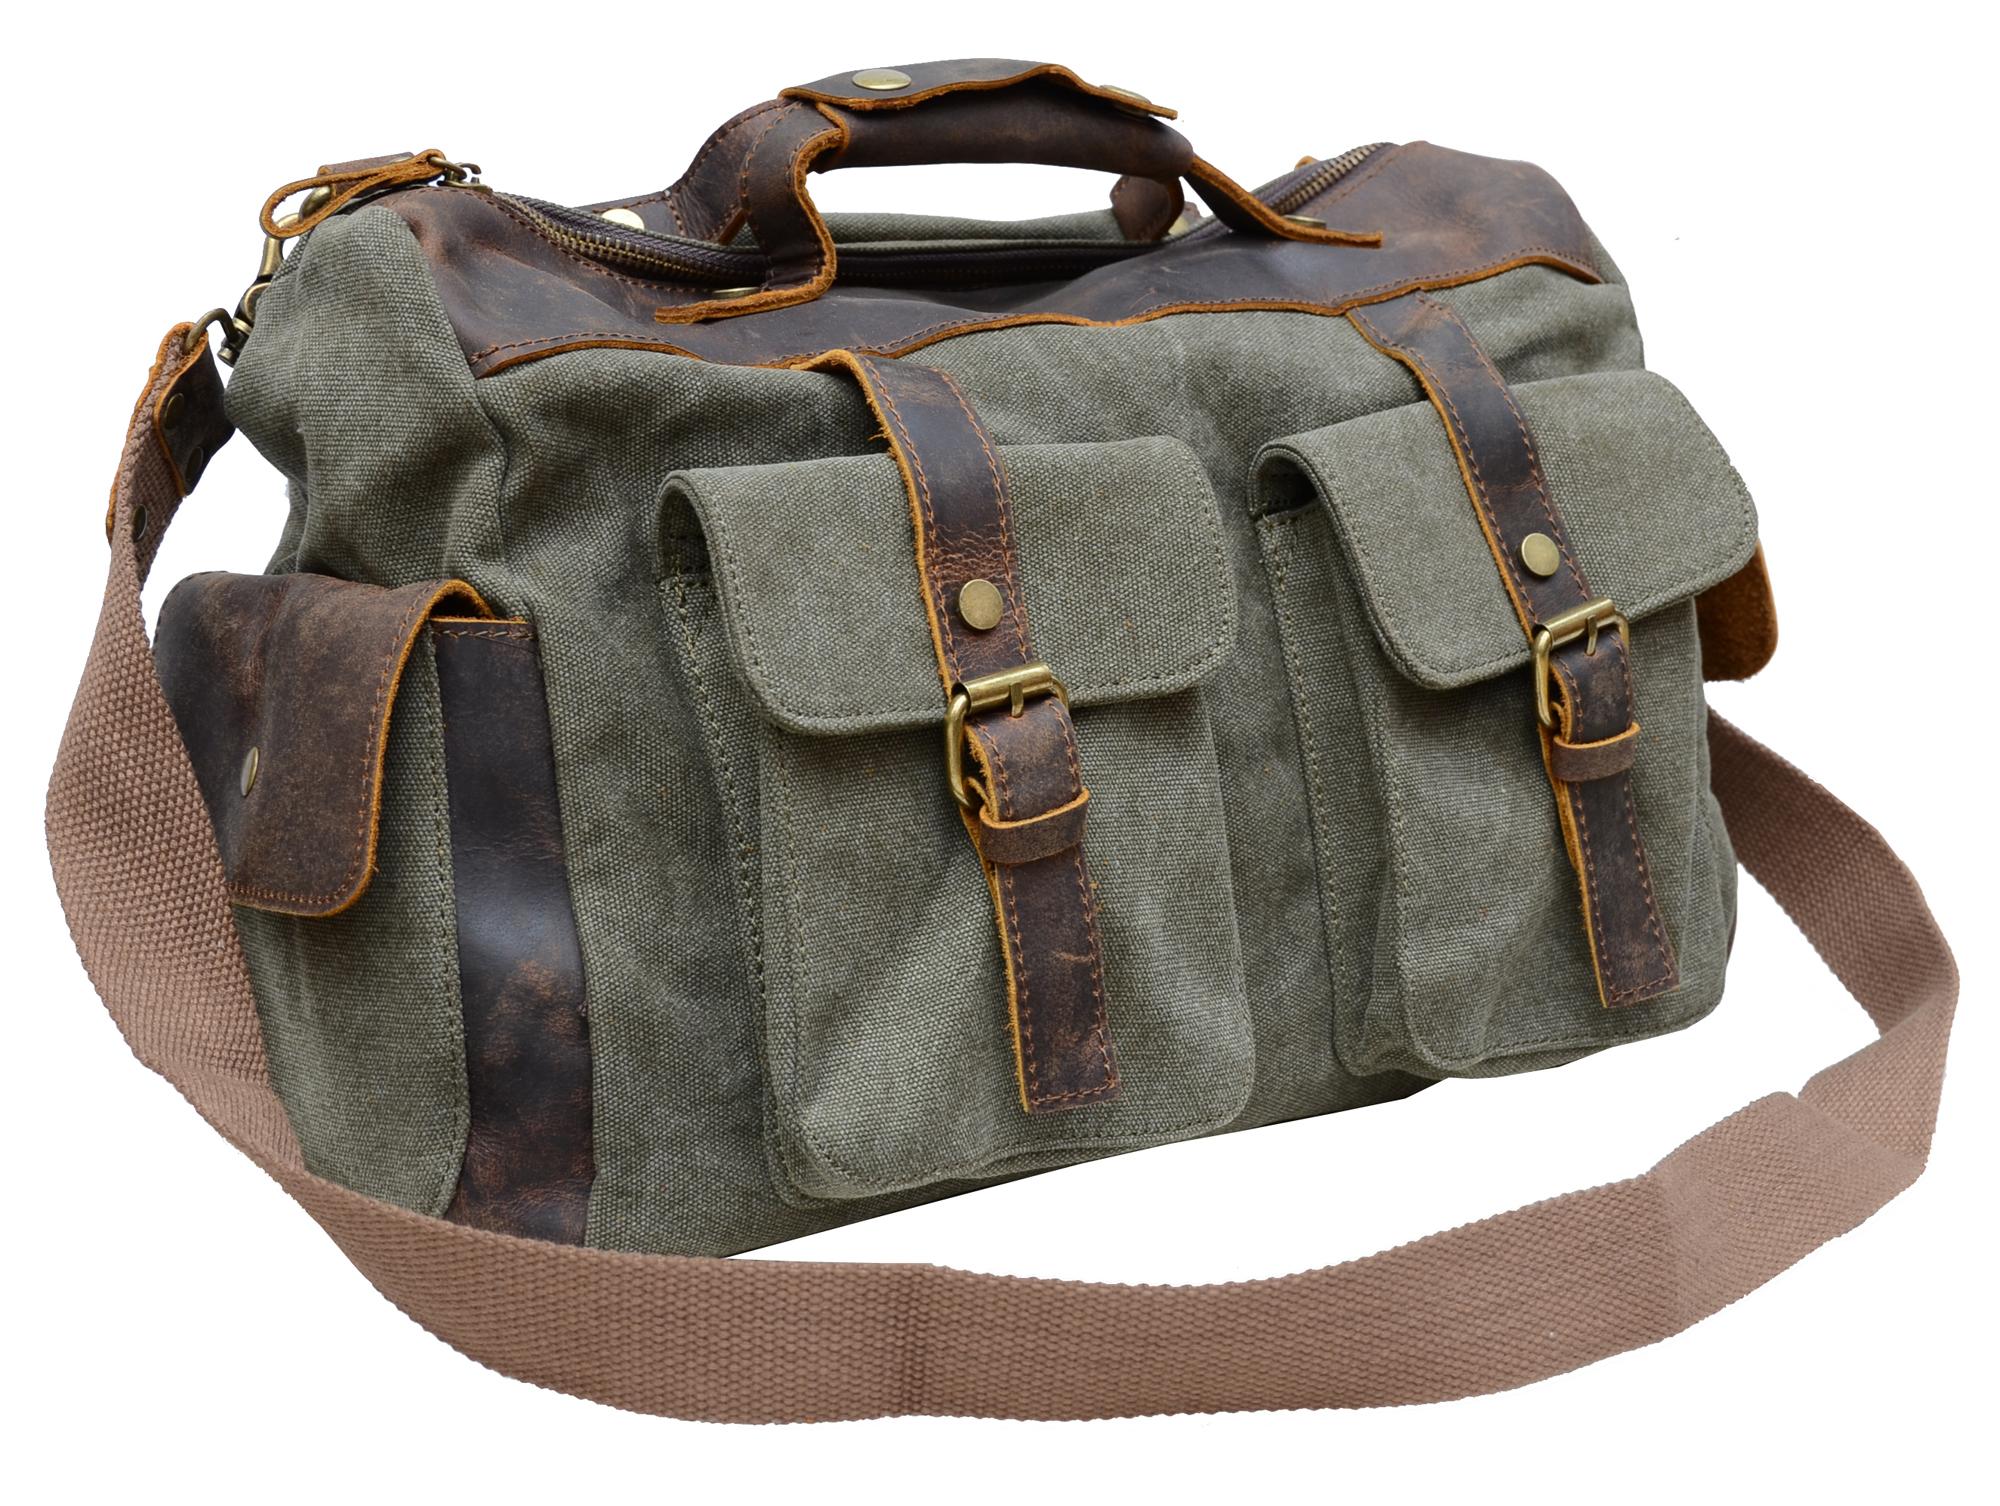 Gootium Vintage Canvas Genuine Leather Shoulder Bag Duffle Weekend ...